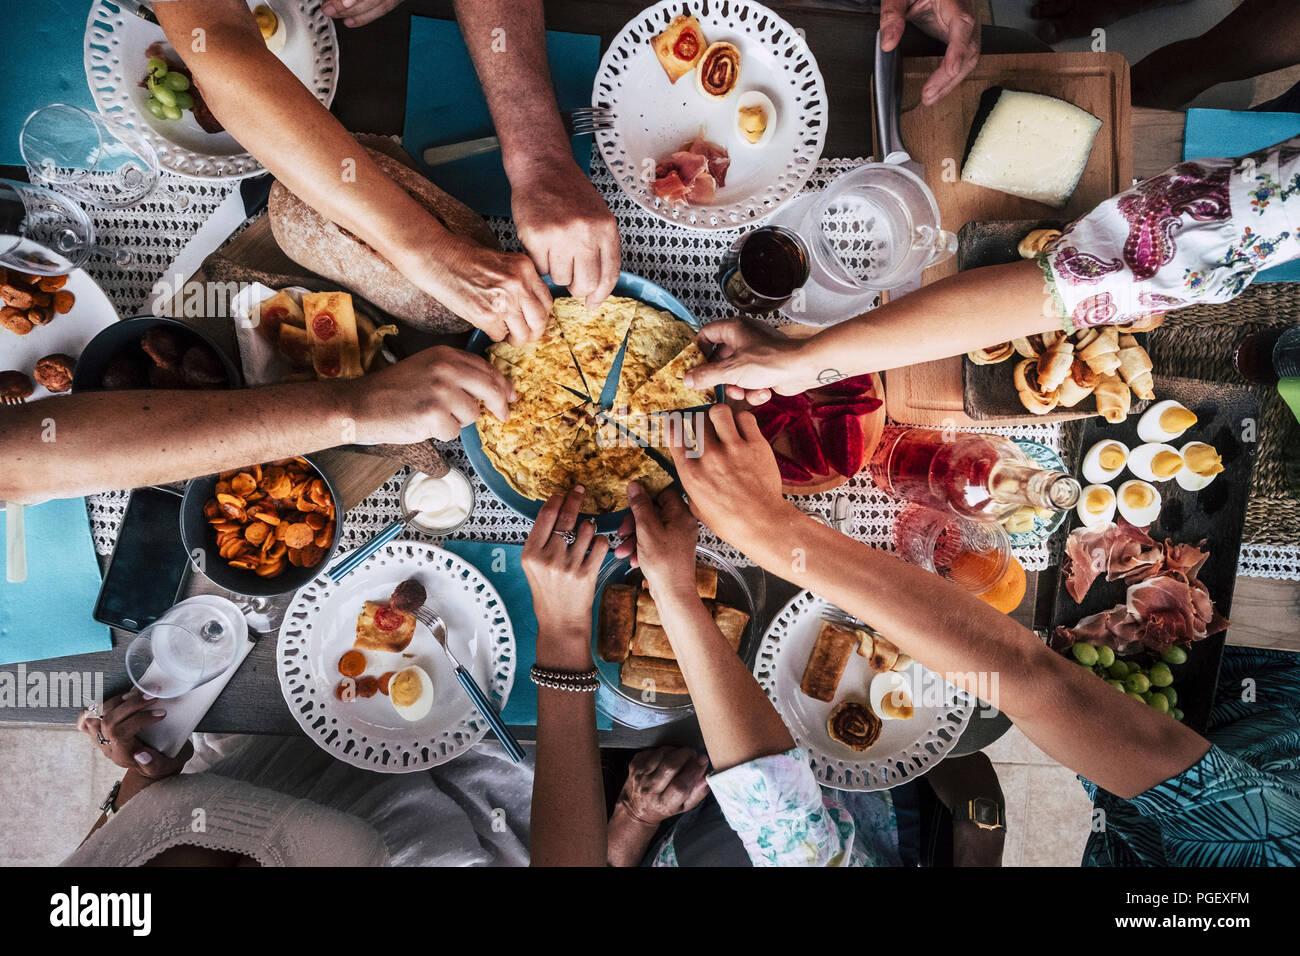 Catering comida Cocina Gourmet culinario parte Cheers concepto amistad y cenar juntos. teléfonos móviles en la mesa, el patrón y el fondo colorfu Imagen De Stock